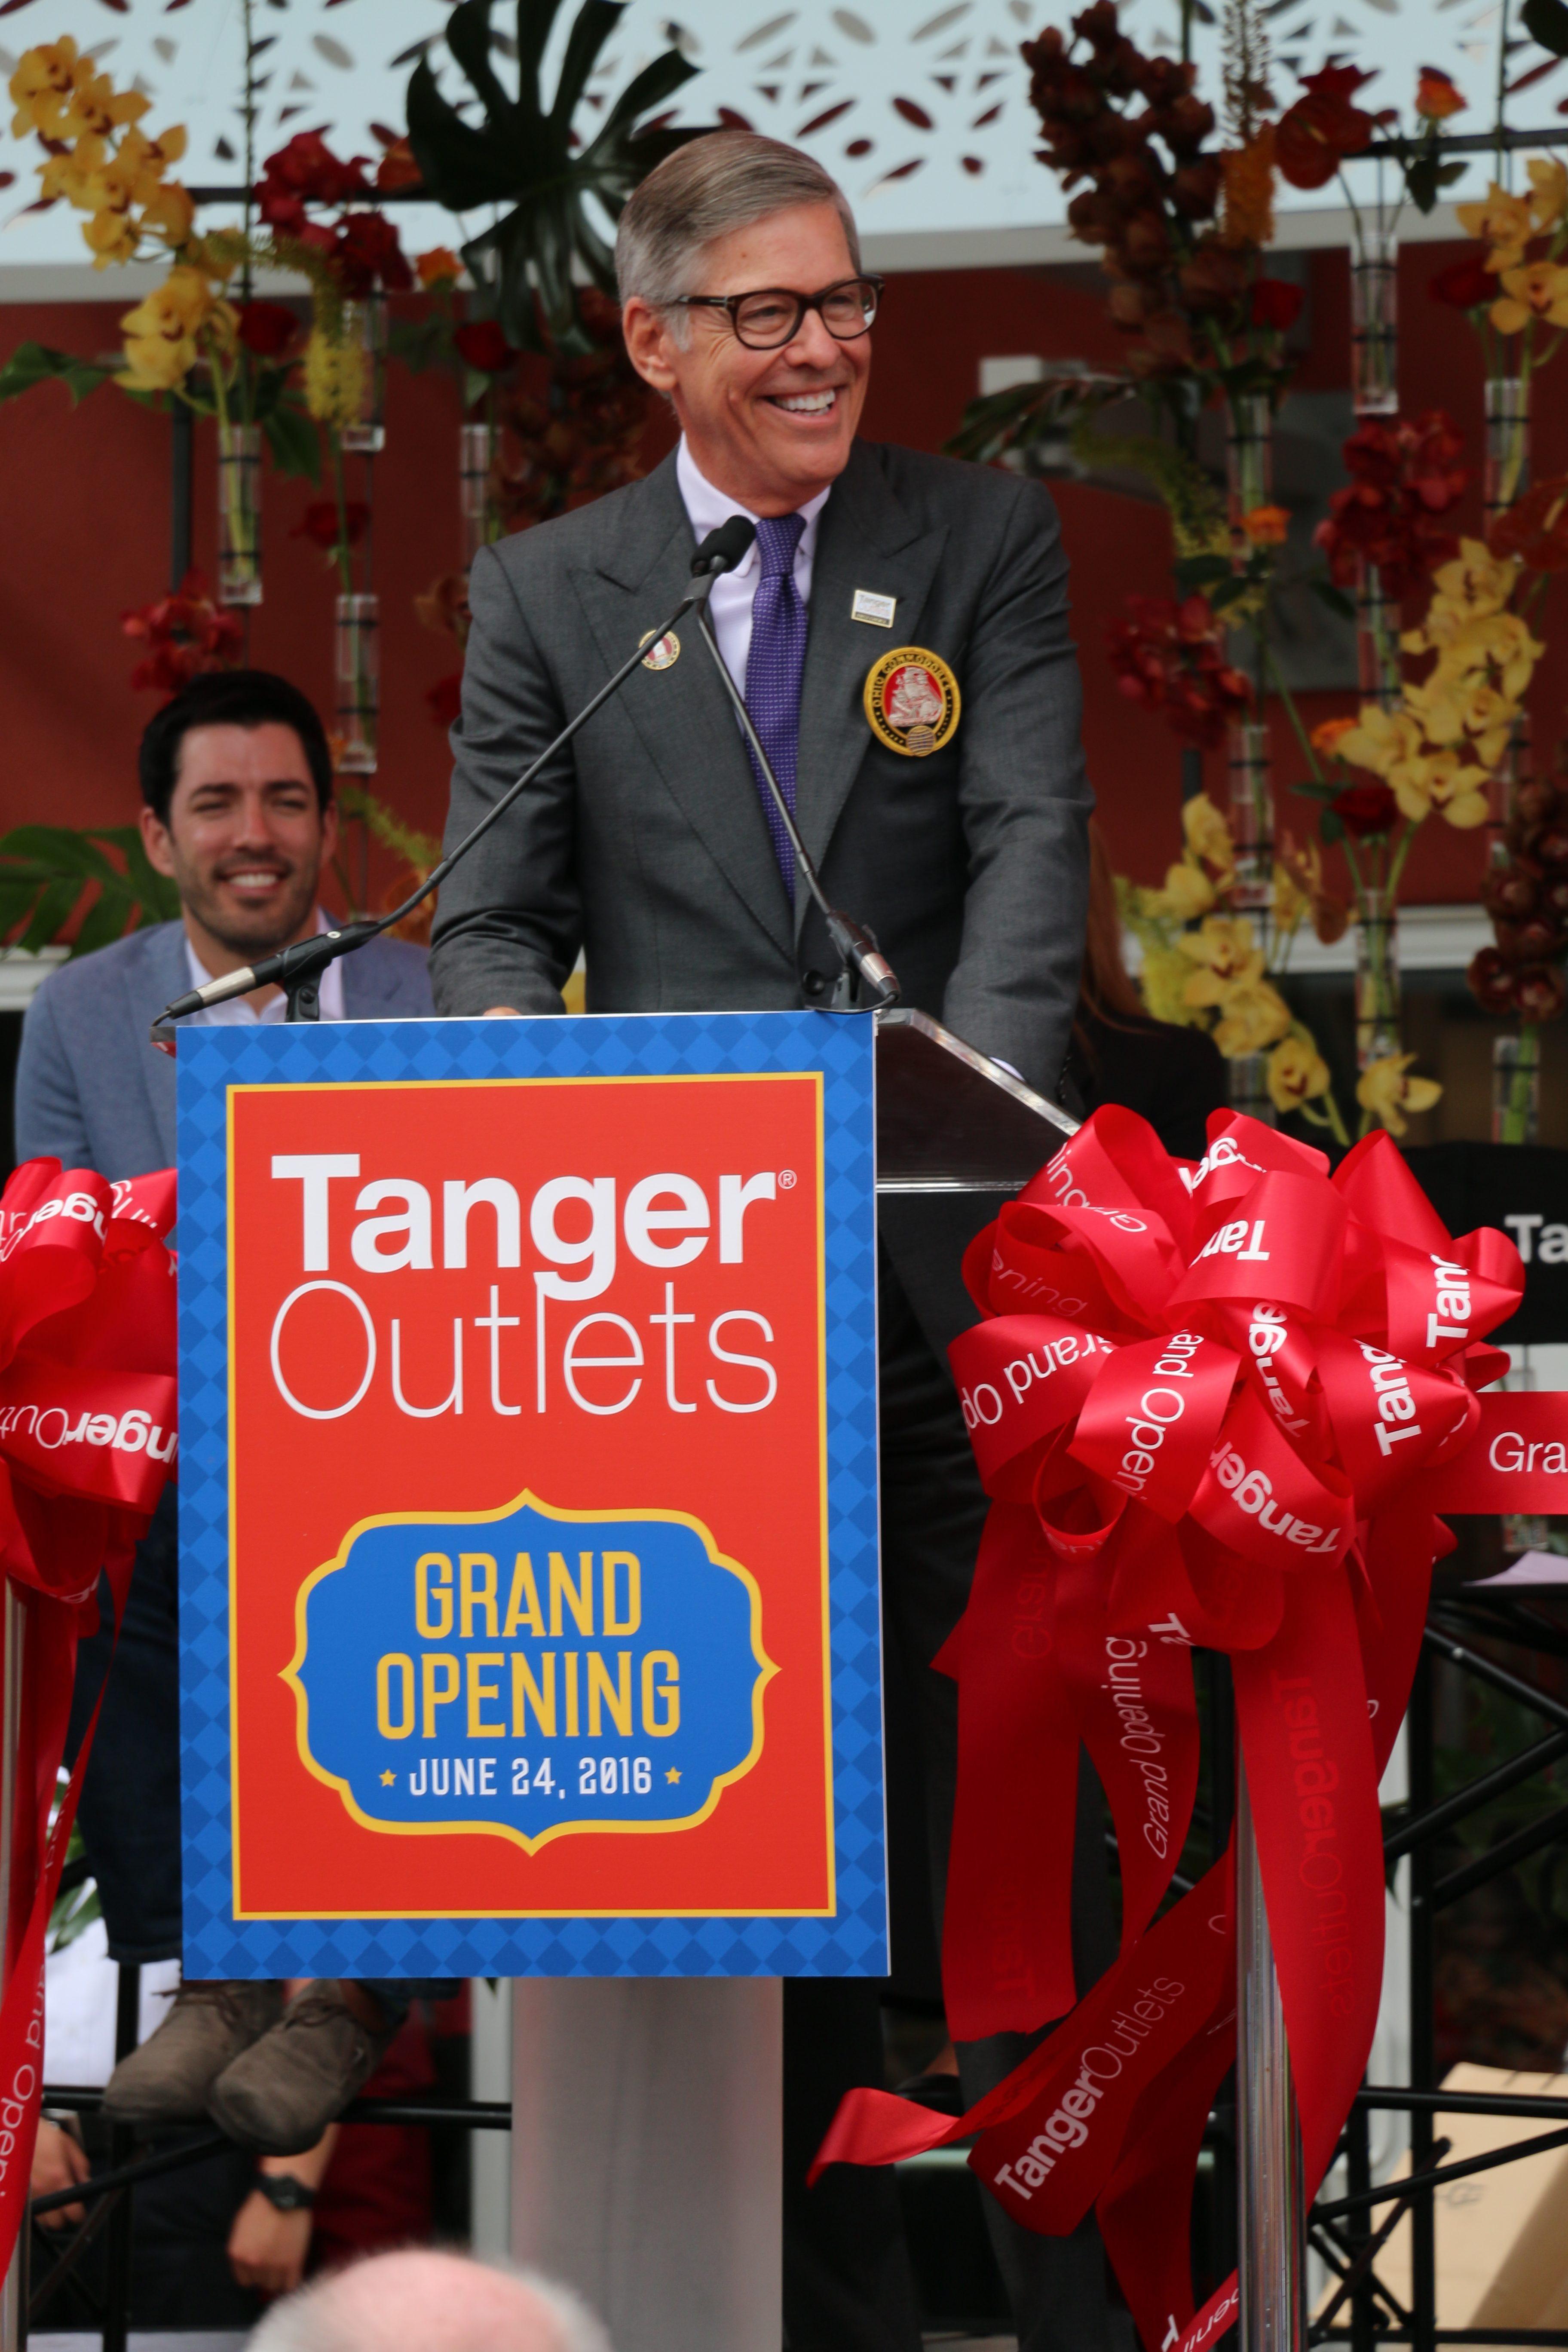 Steve Tanger